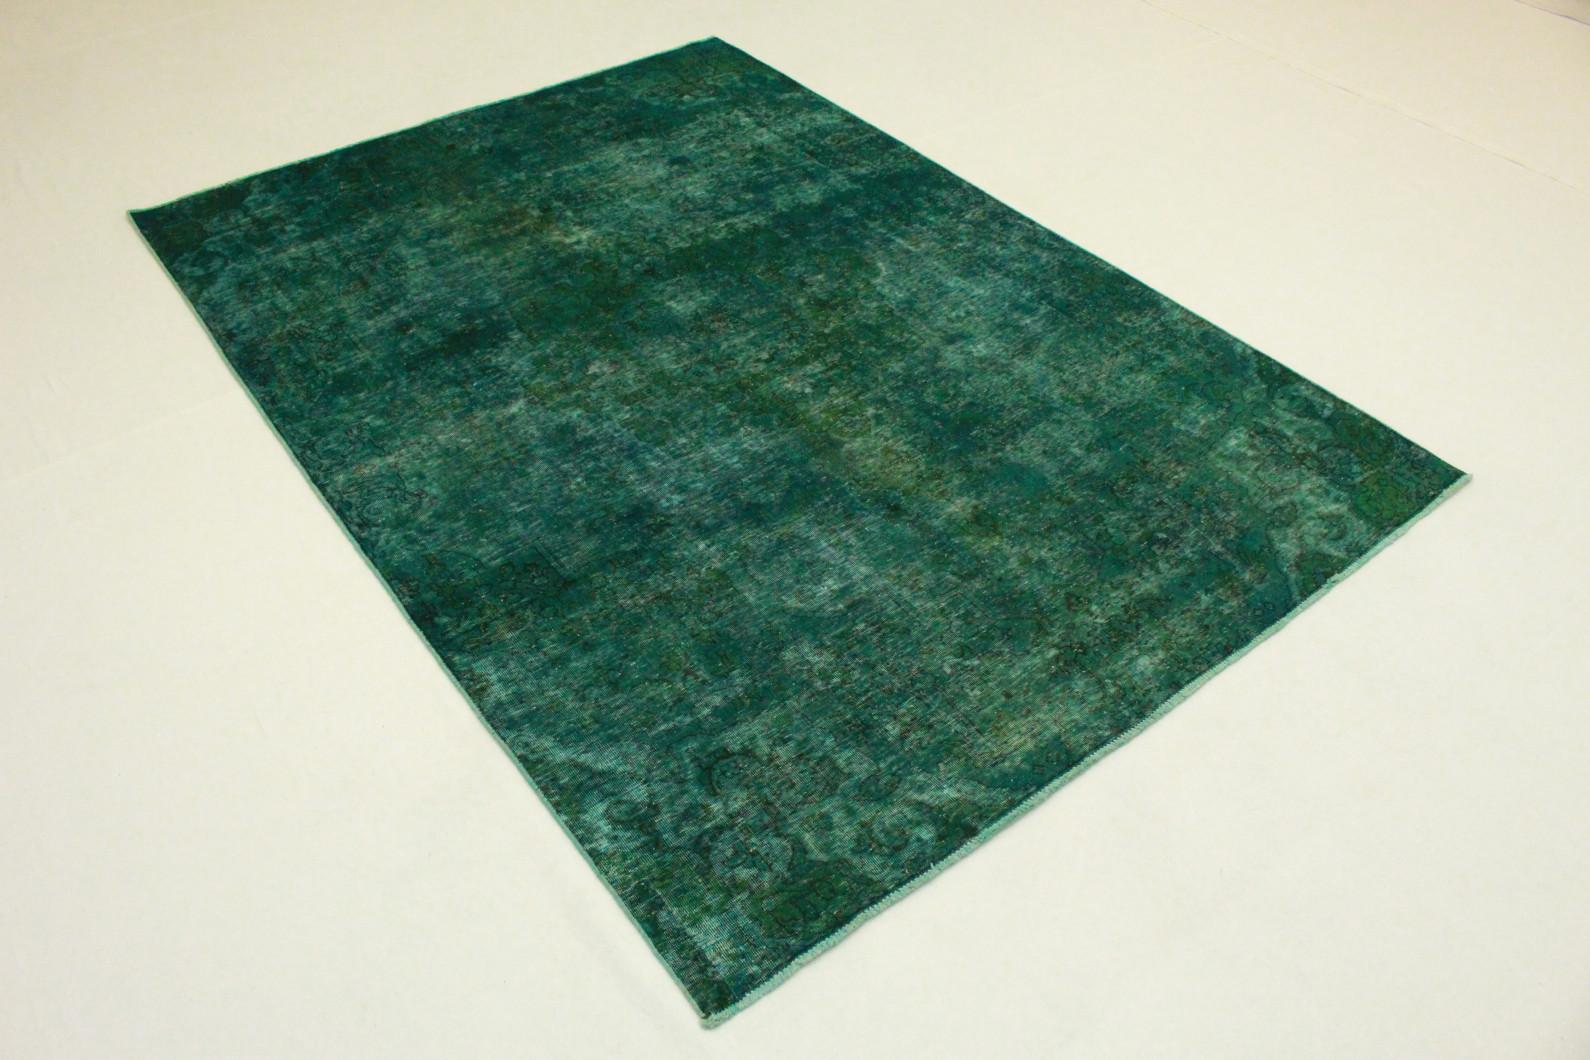 vintage teppich gr n t rkis in 290x210 1001 3547 bei. Black Bedroom Furniture Sets. Home Design Ideas